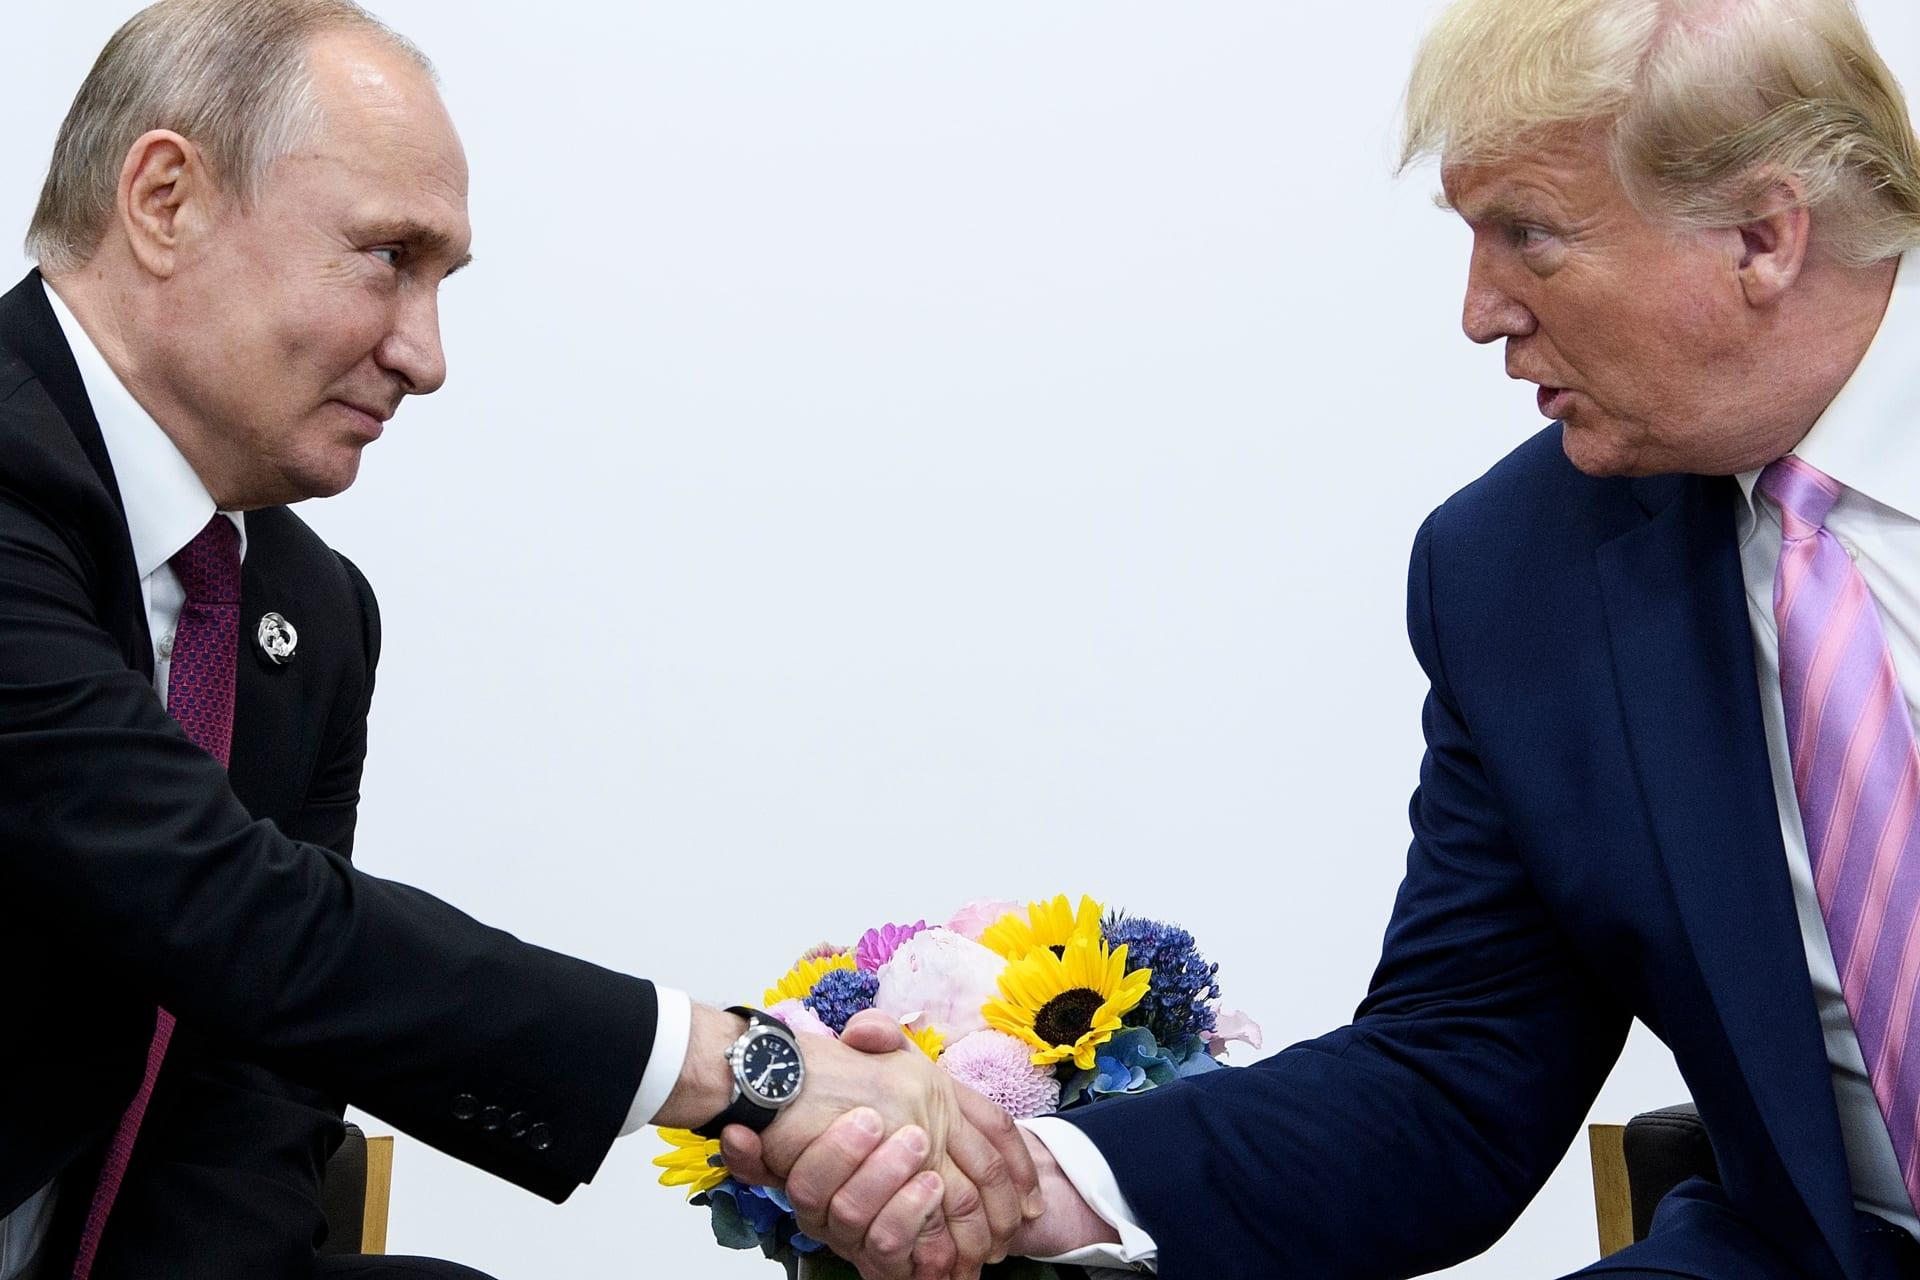 الكرملين: بوتين شكر ترامب على تمرير معلومات استخباراتية أحبطت عمليات إرهابية في روسيا